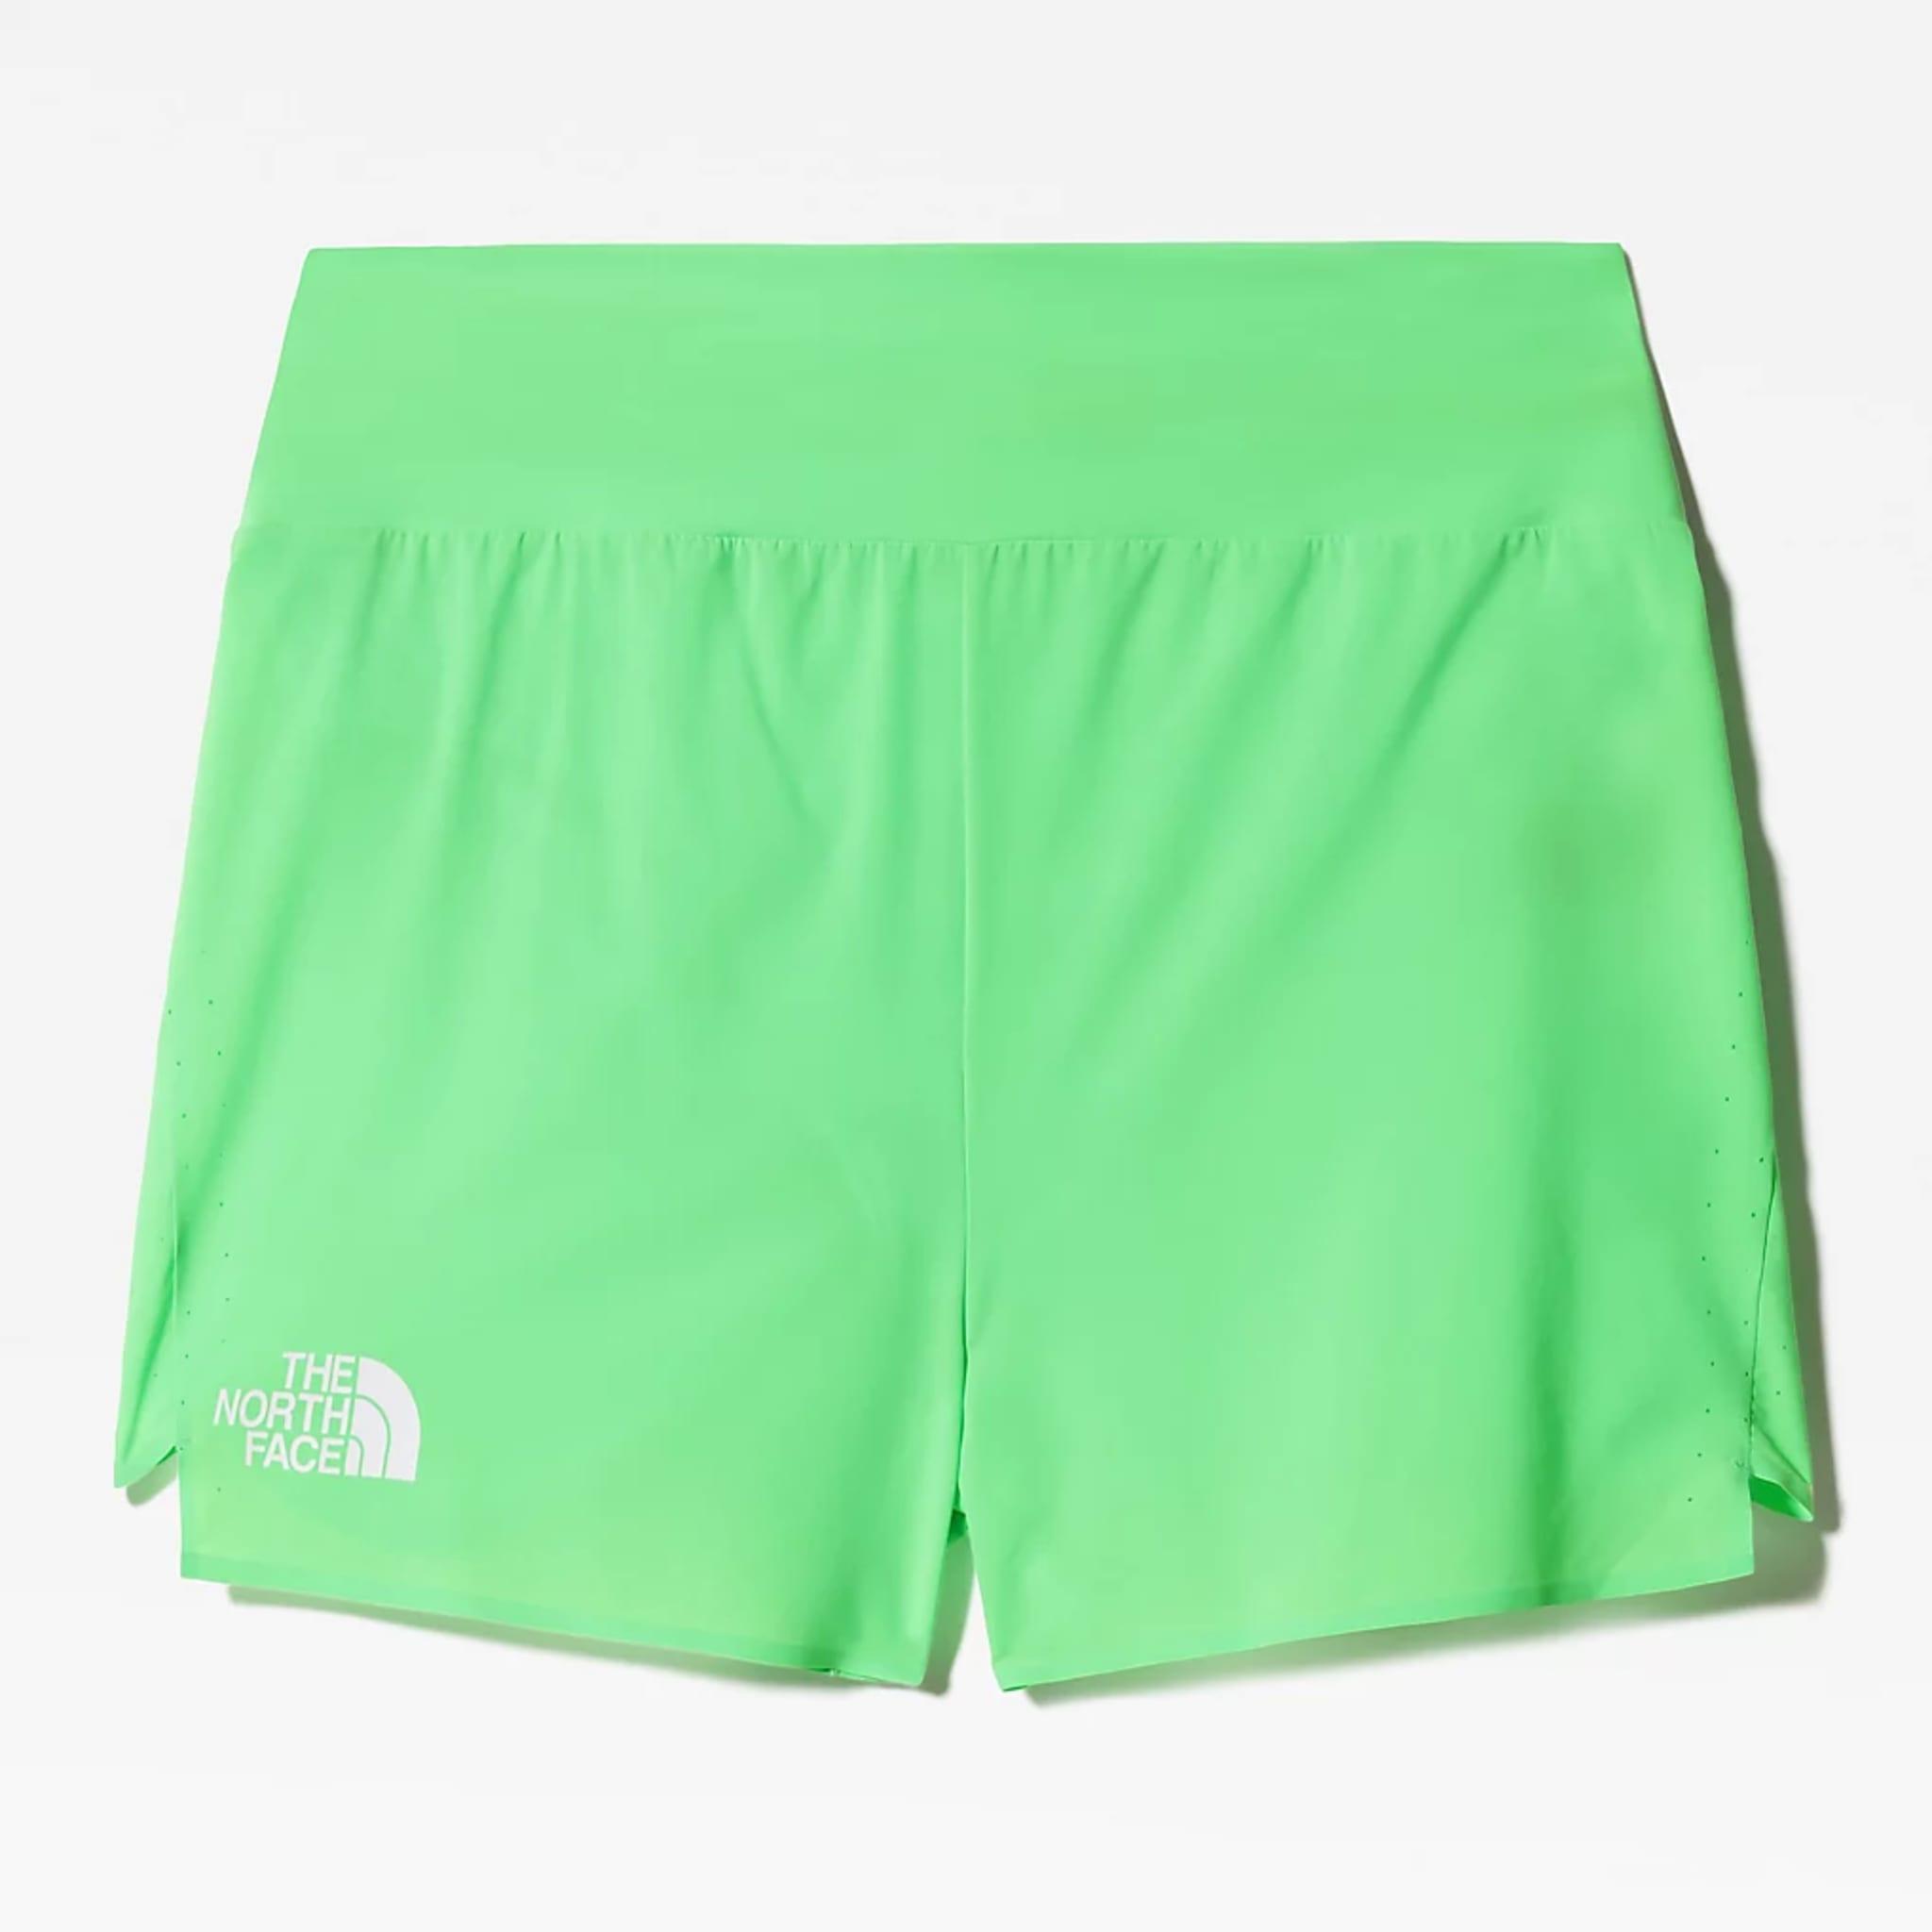 Ekstremt god pusteevne i varmen, lav vekt og behagelig passform er egenskaper som går igjen i denne shortsen